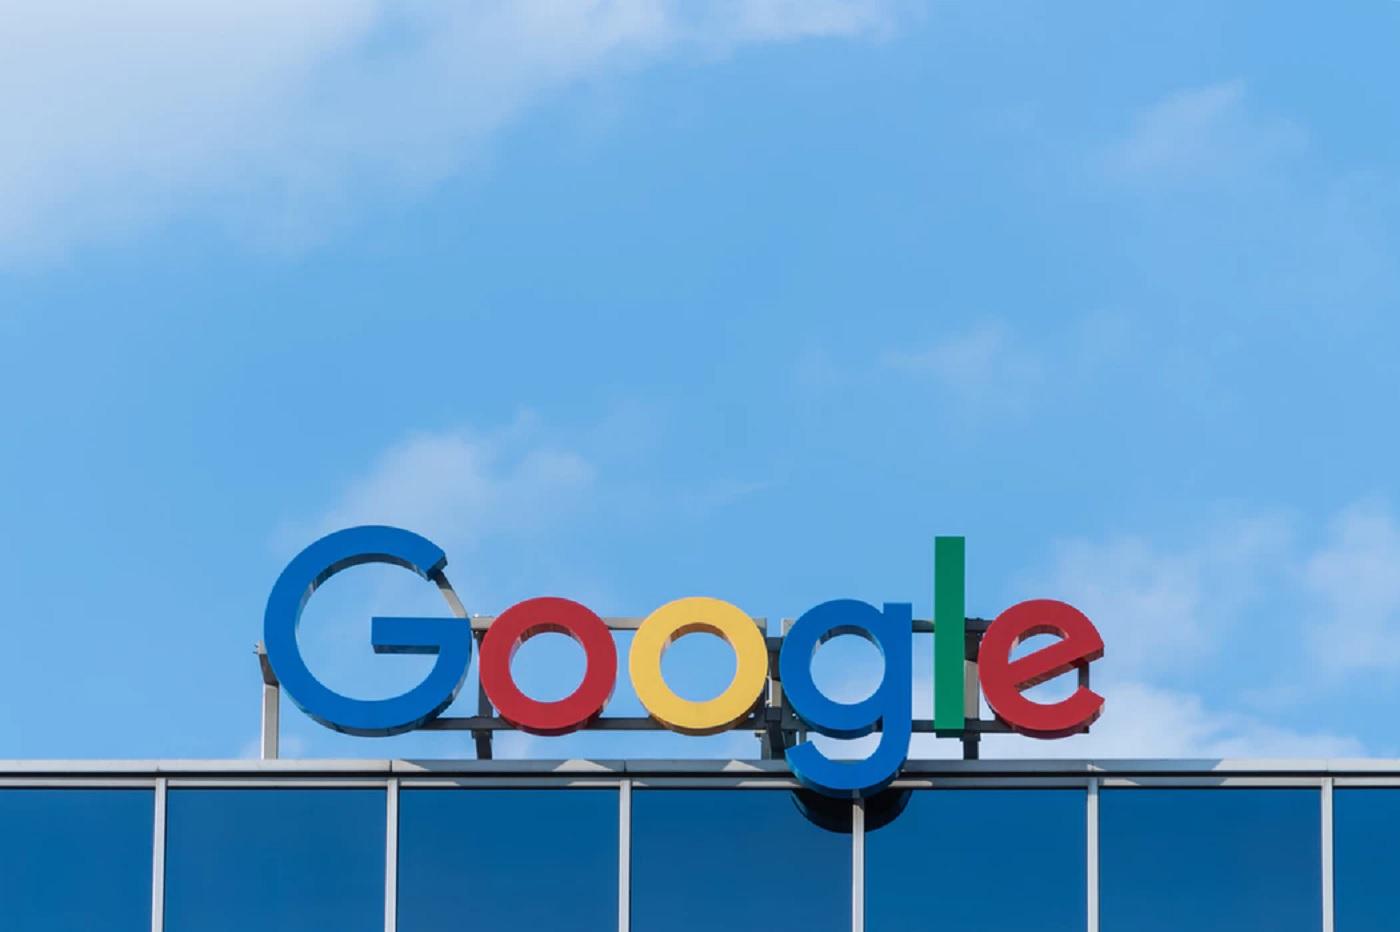 Google suspend l'entraînement (controversé) de son logiciel de reconnaissance faciale